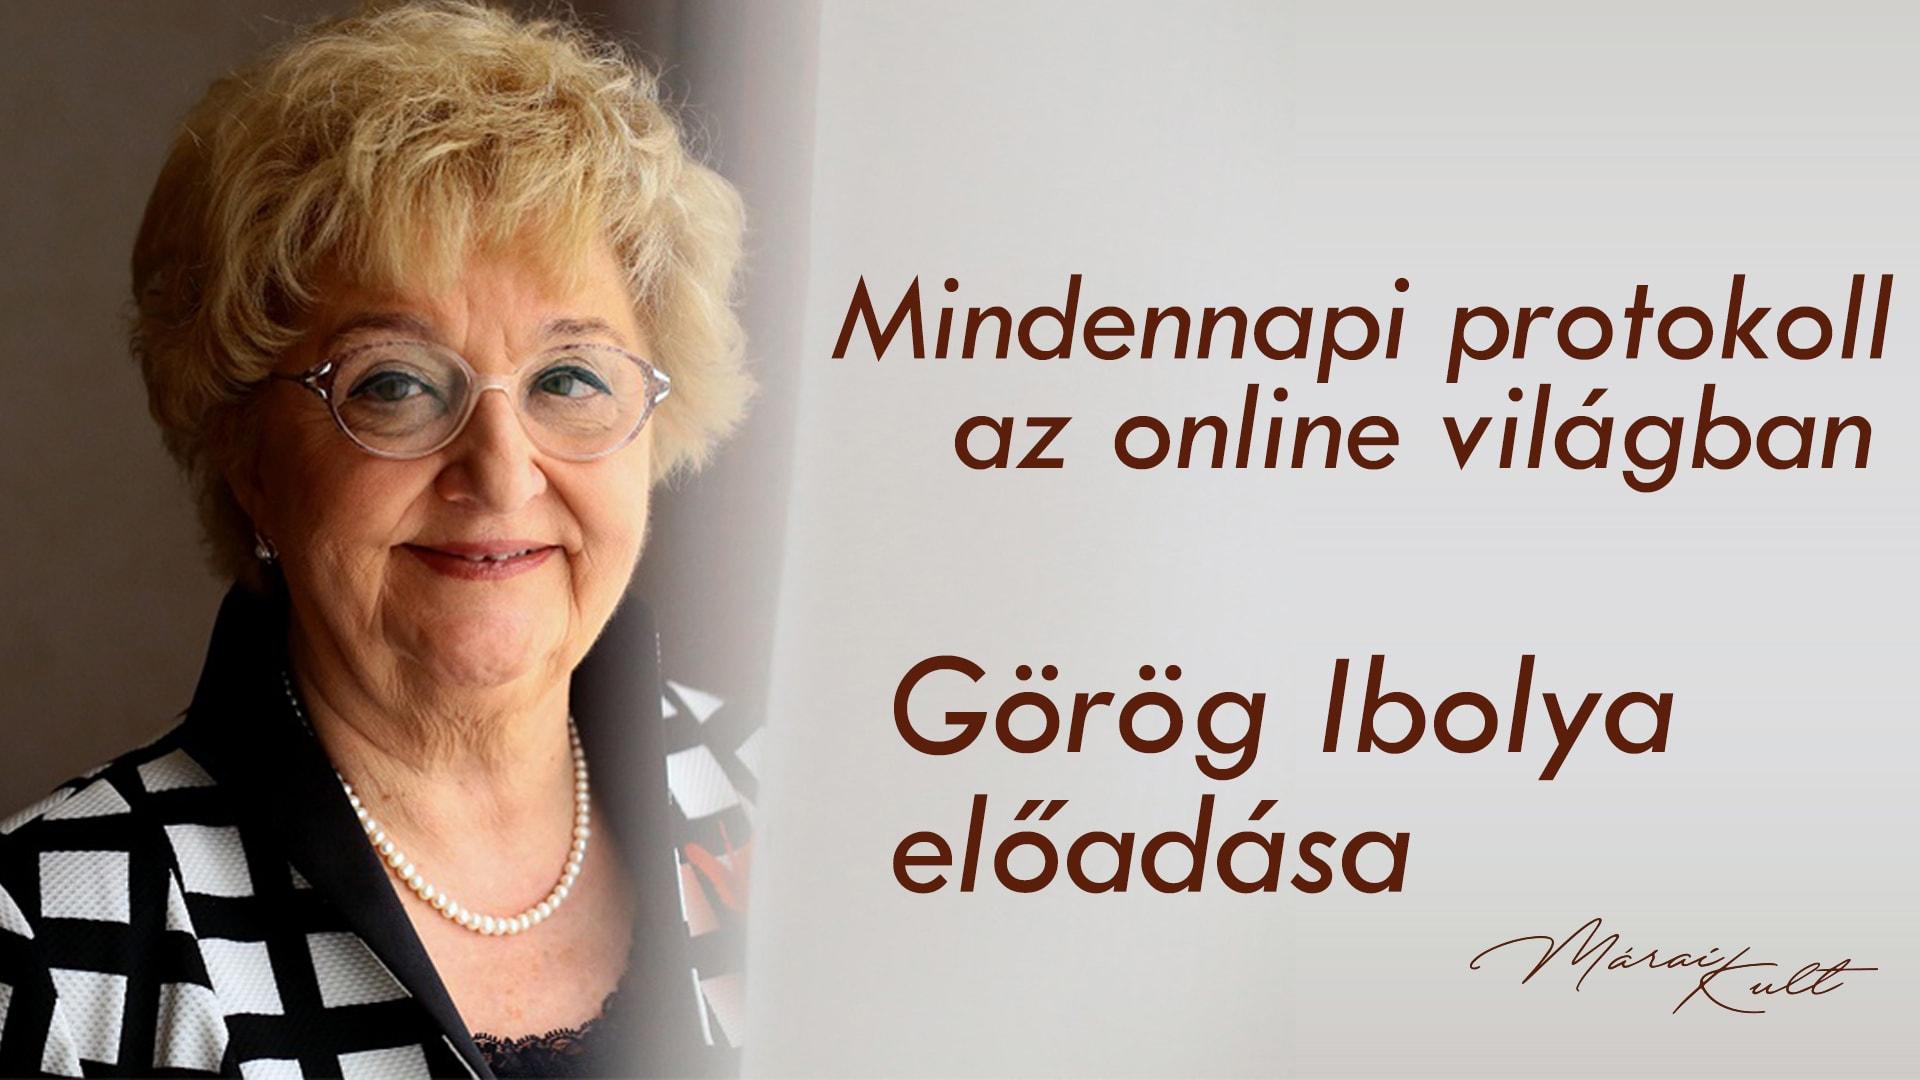 Mindennapi protokoll az online világban- Görög Ibolya előadása